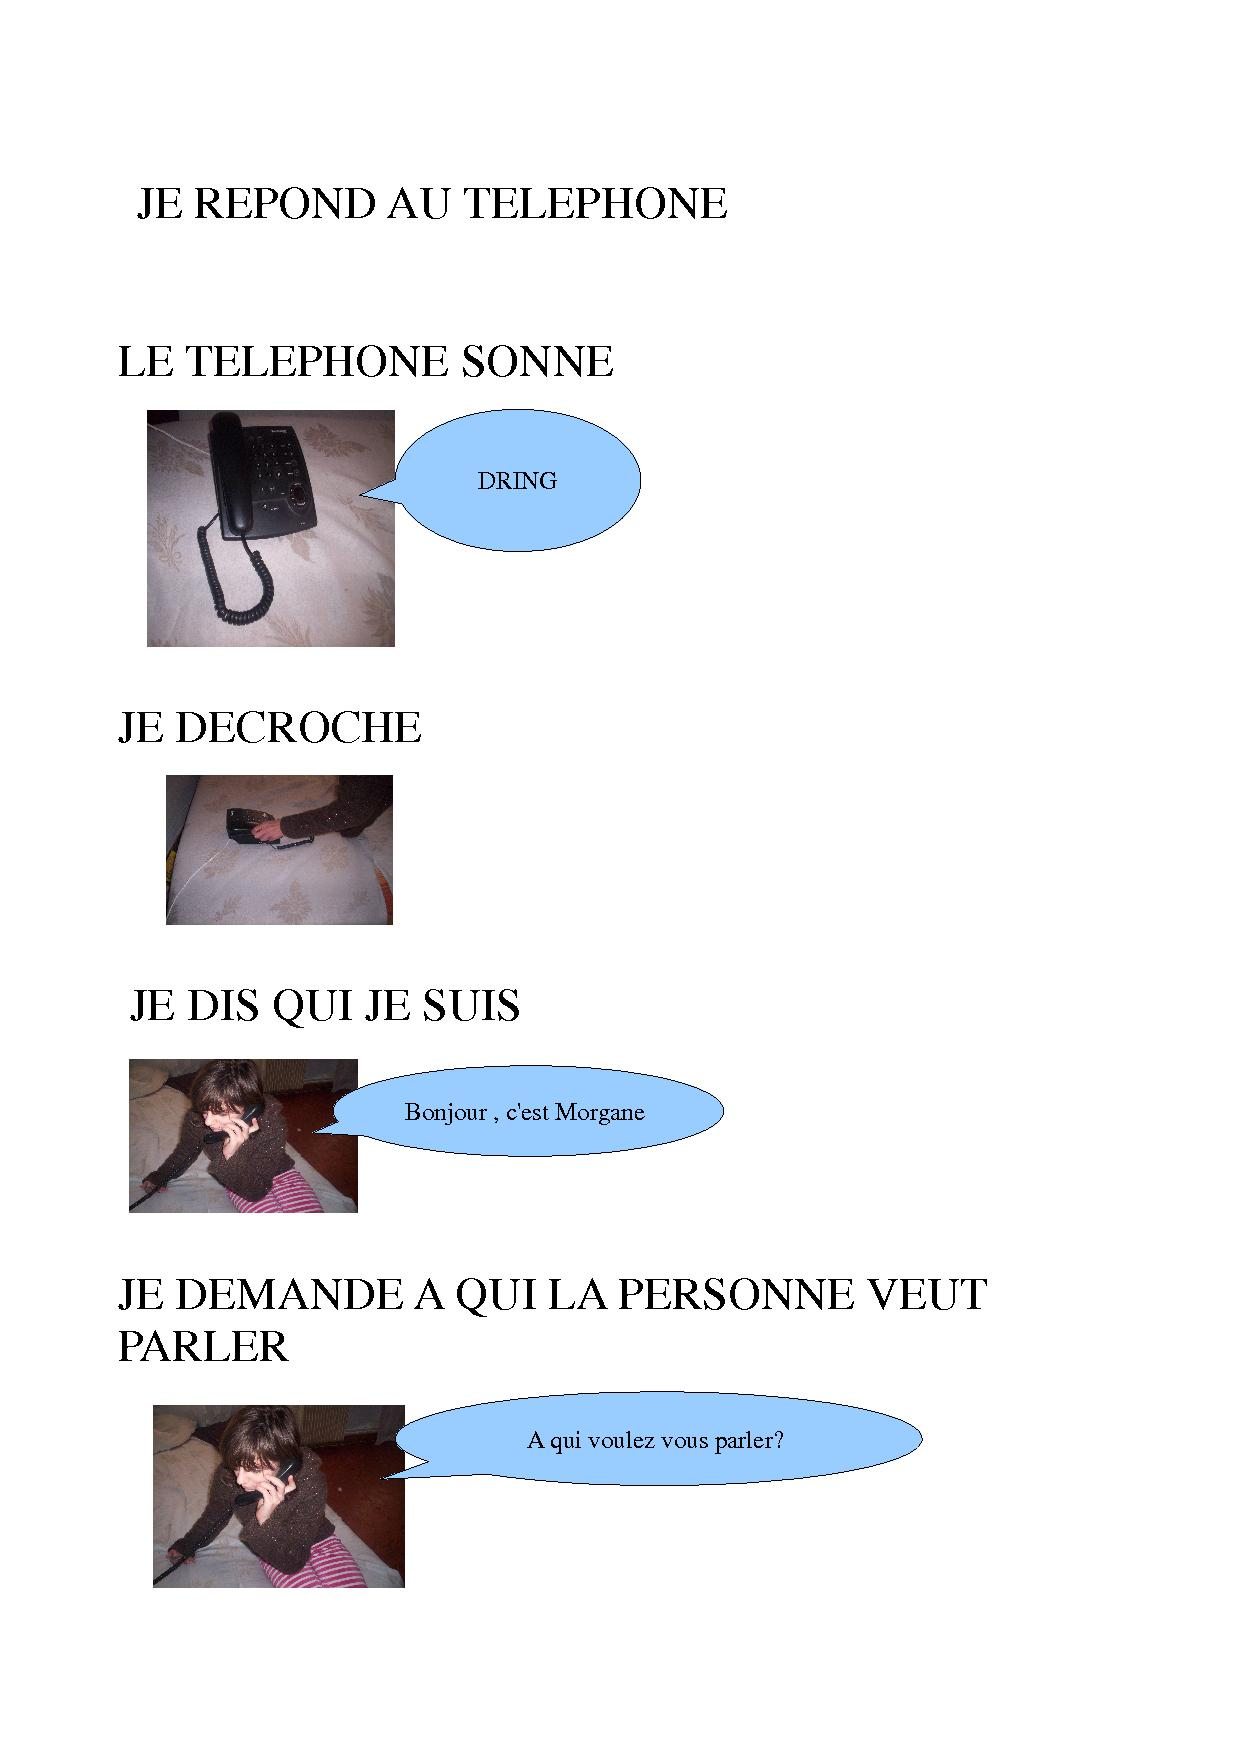 telephone1gx3.jpg